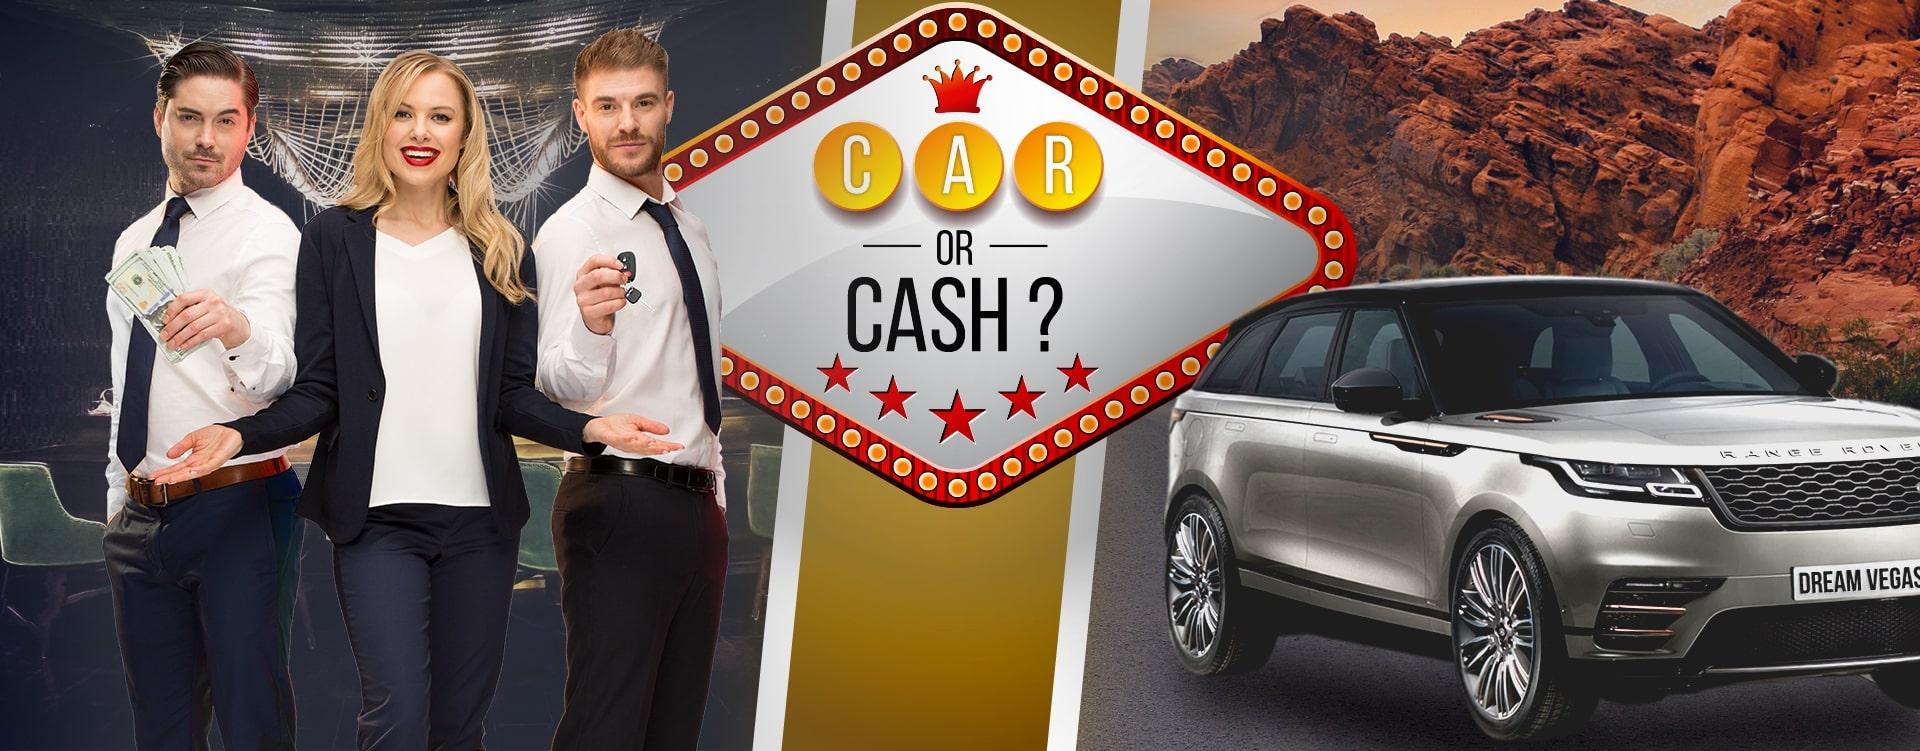 Dream Vegas Car or Cash promotion